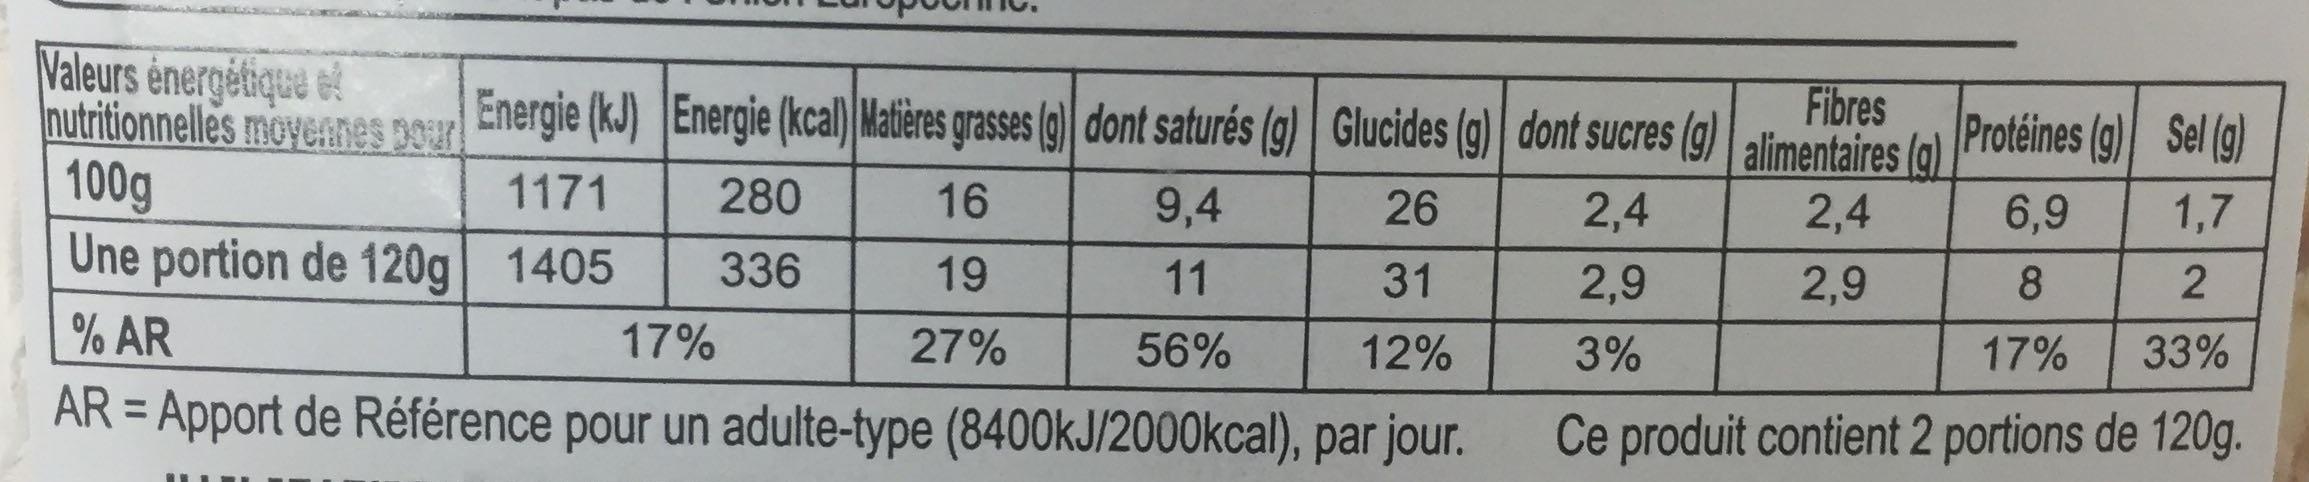 Feuilletés tressés à la provençale - Nutrition facts - fr